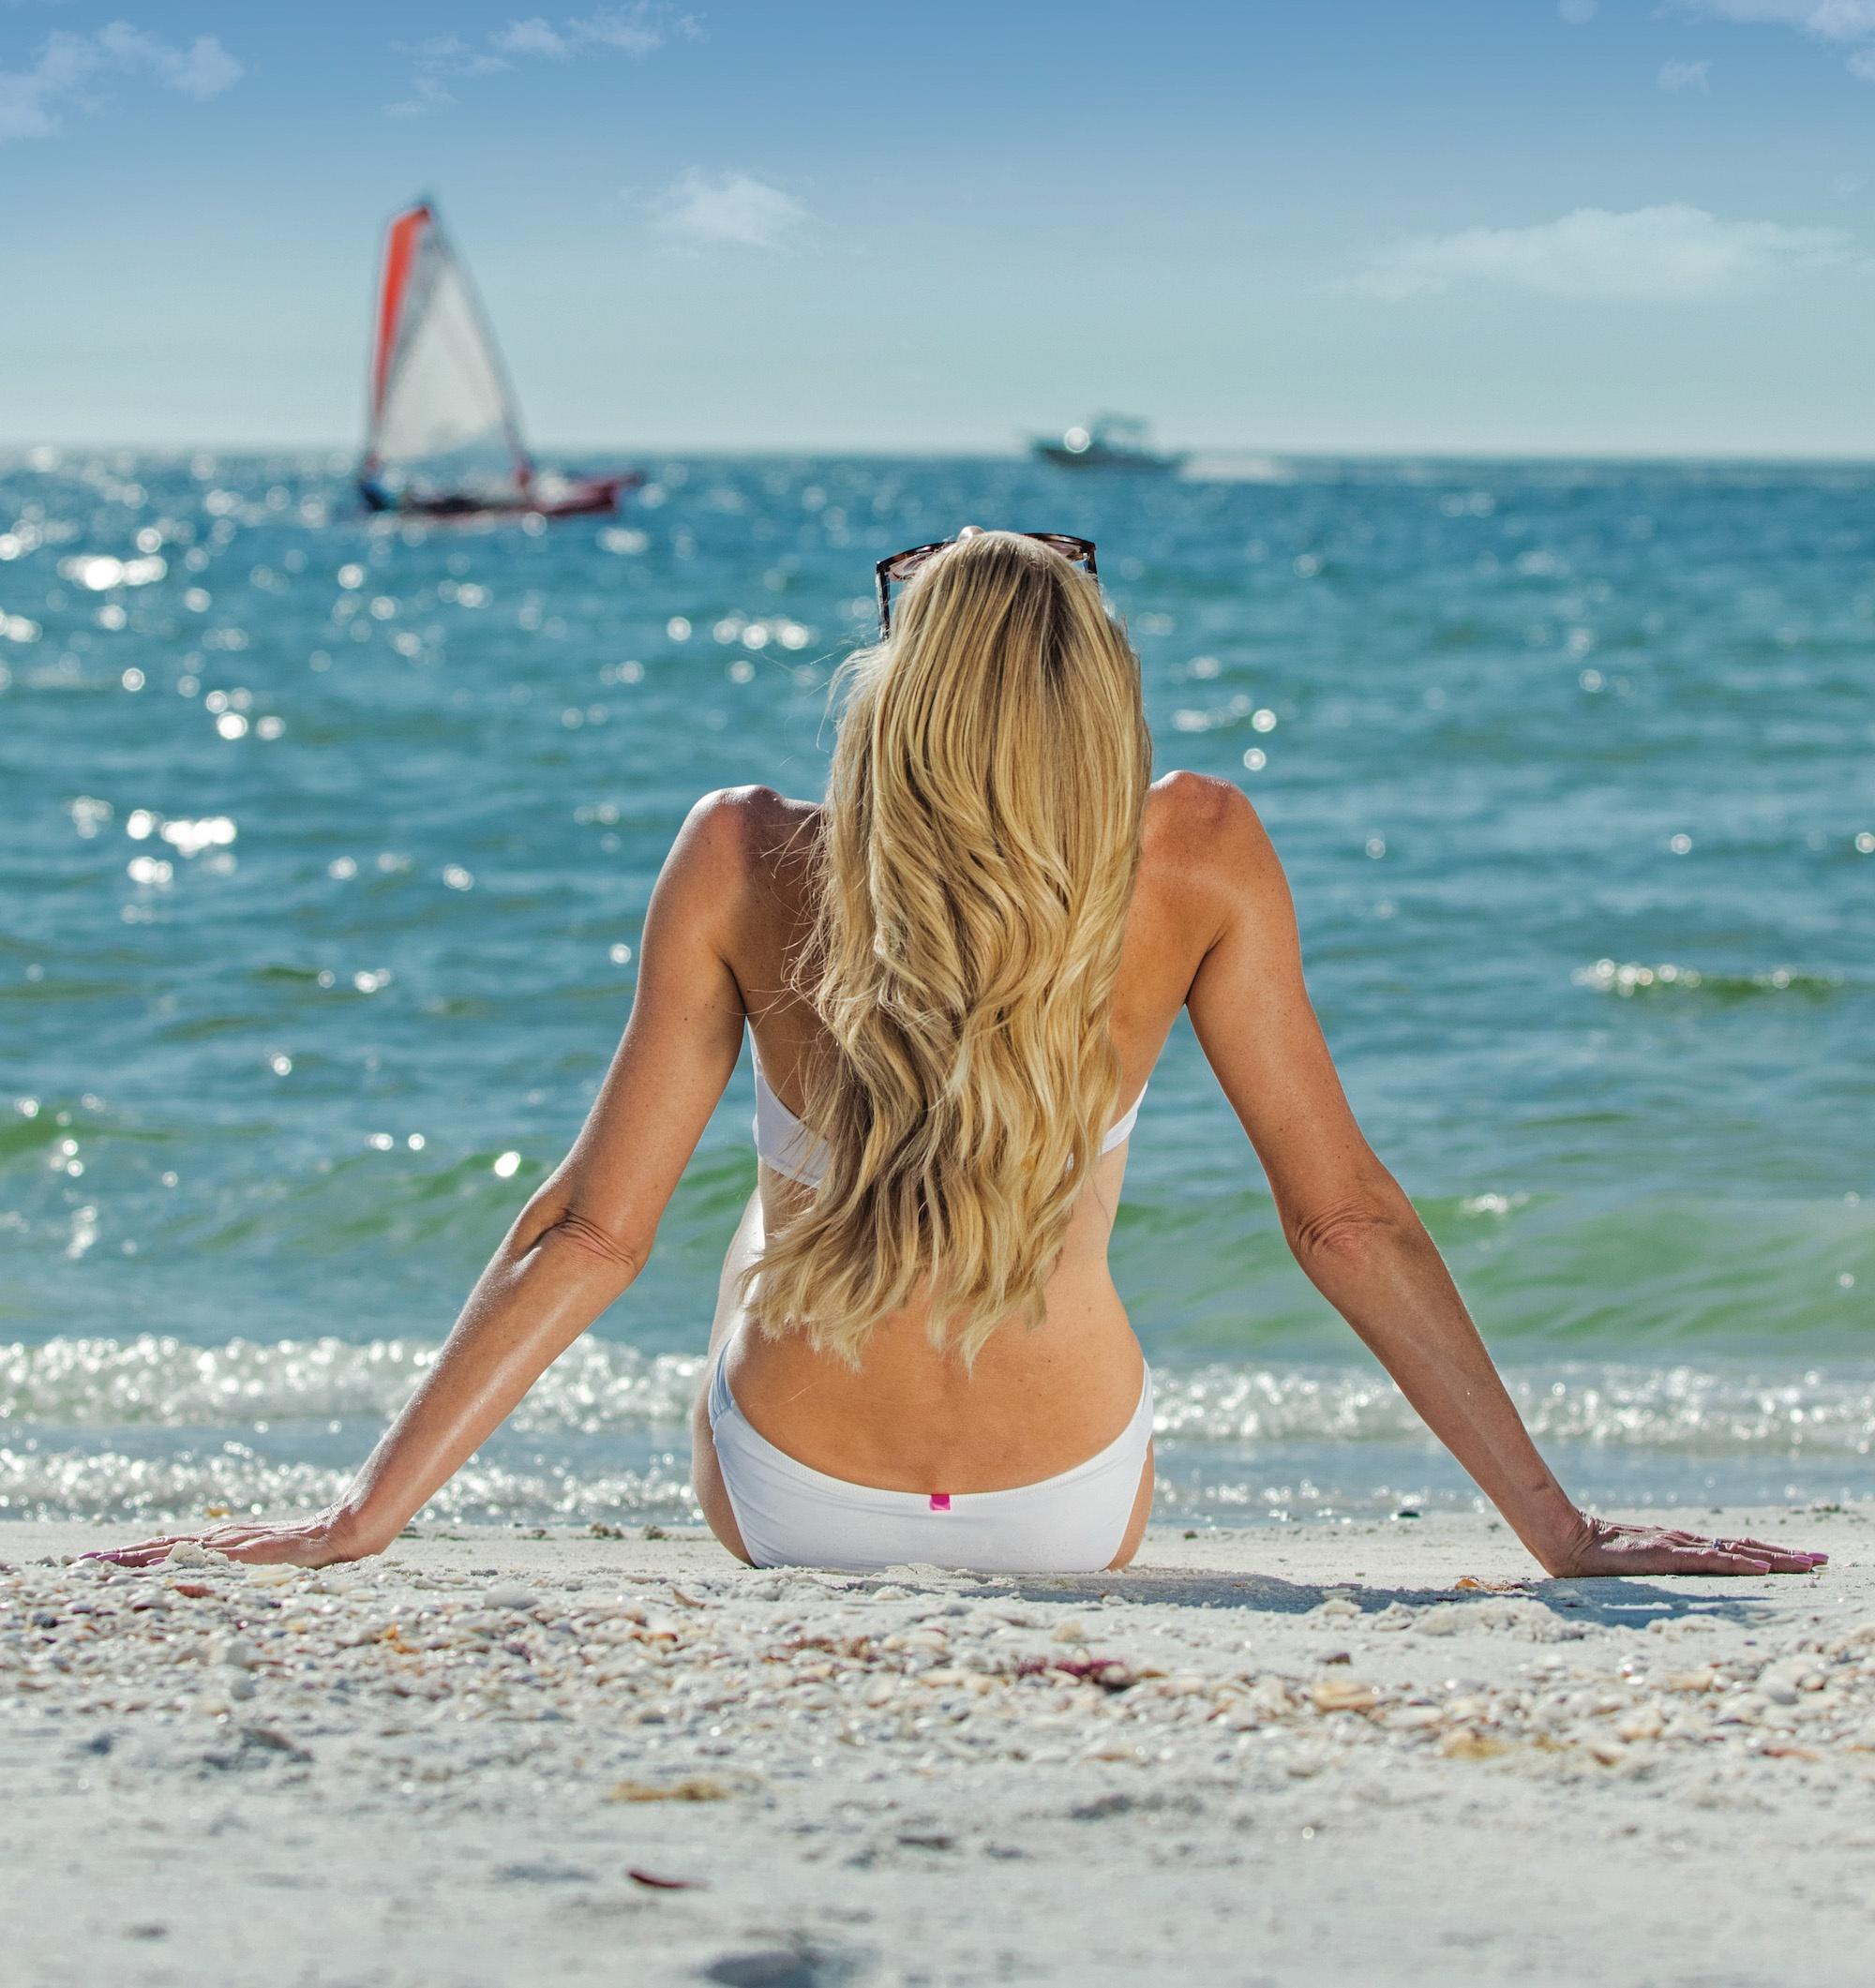 beach_elka_hair_image-1.jpg